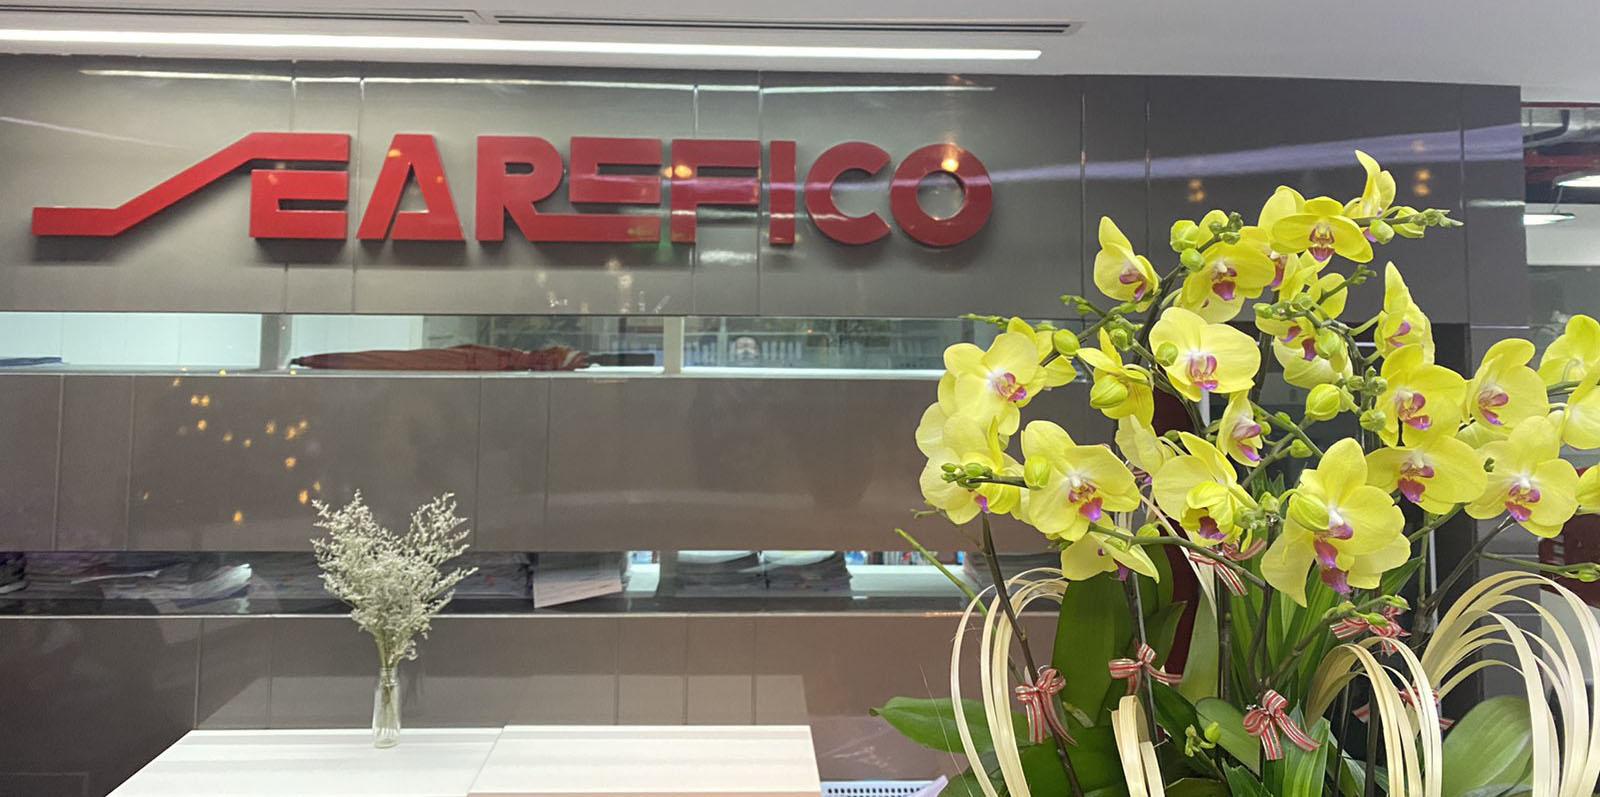 Searefico sẽ phát hành hơn 3 triệu cổ phiếu để trả cổ tức